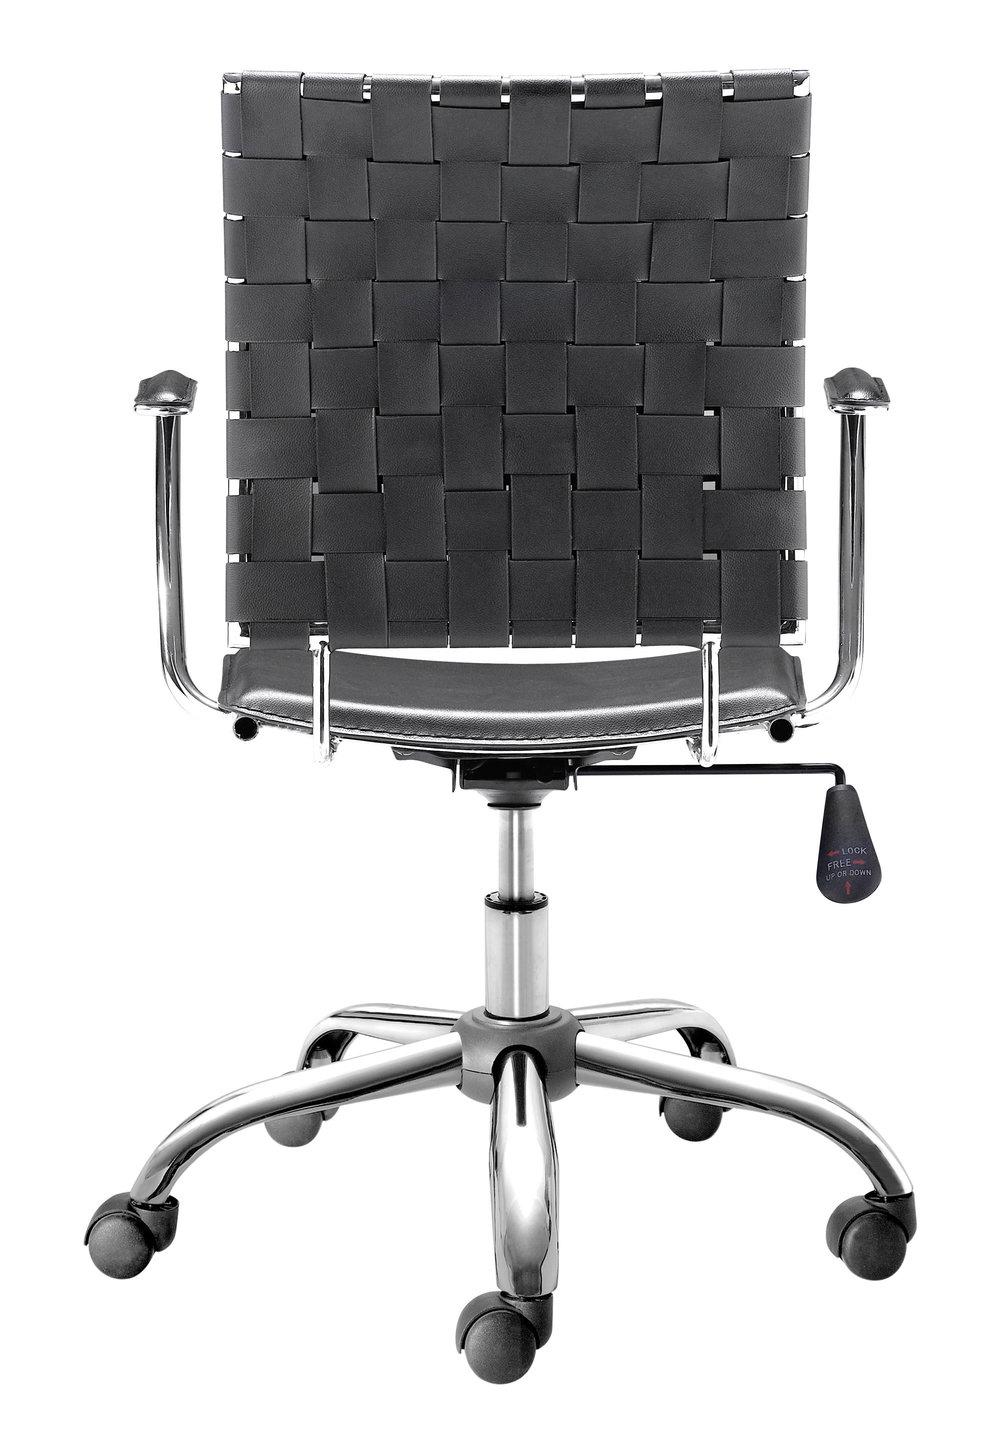 Zuo Modern Contemporary - Criss Cross Office Chair Black